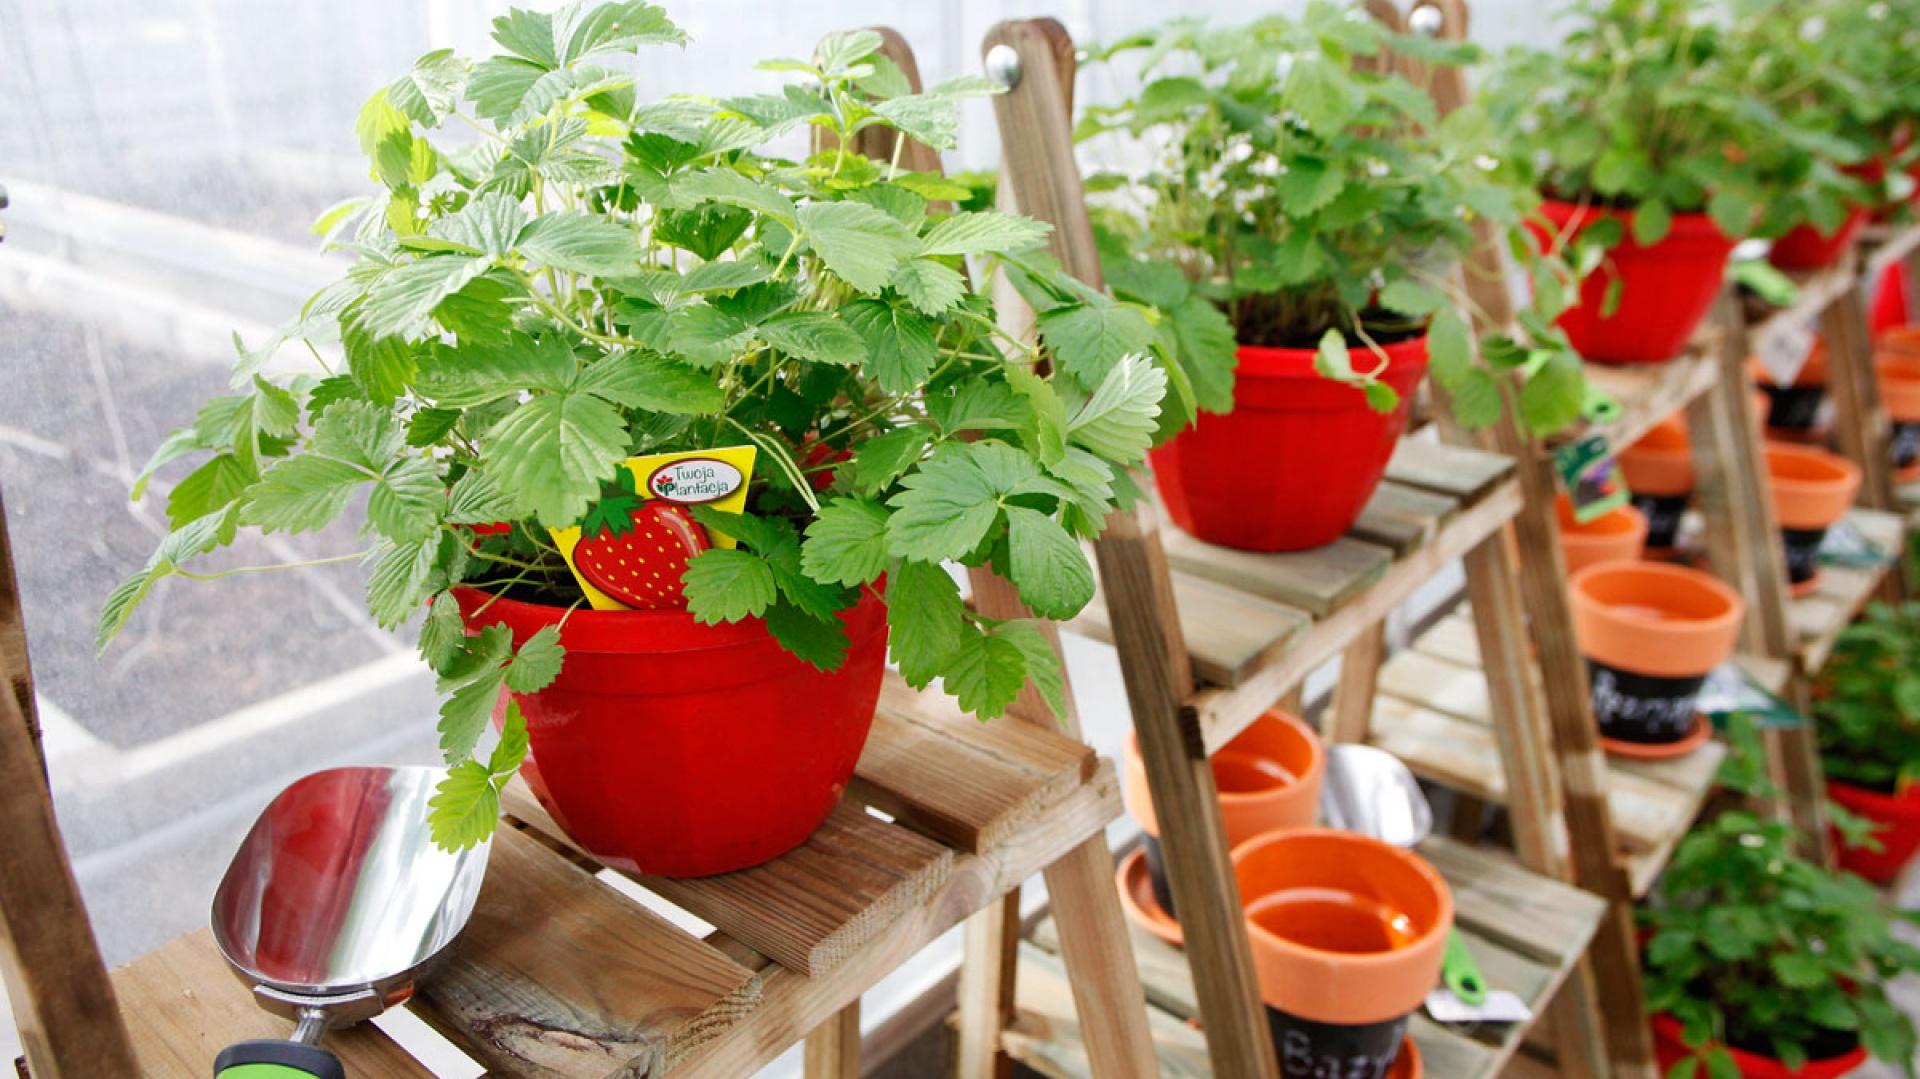 Kolekcja Smakowite Rośliny Leroy Merlin, fot. materiały prasowe